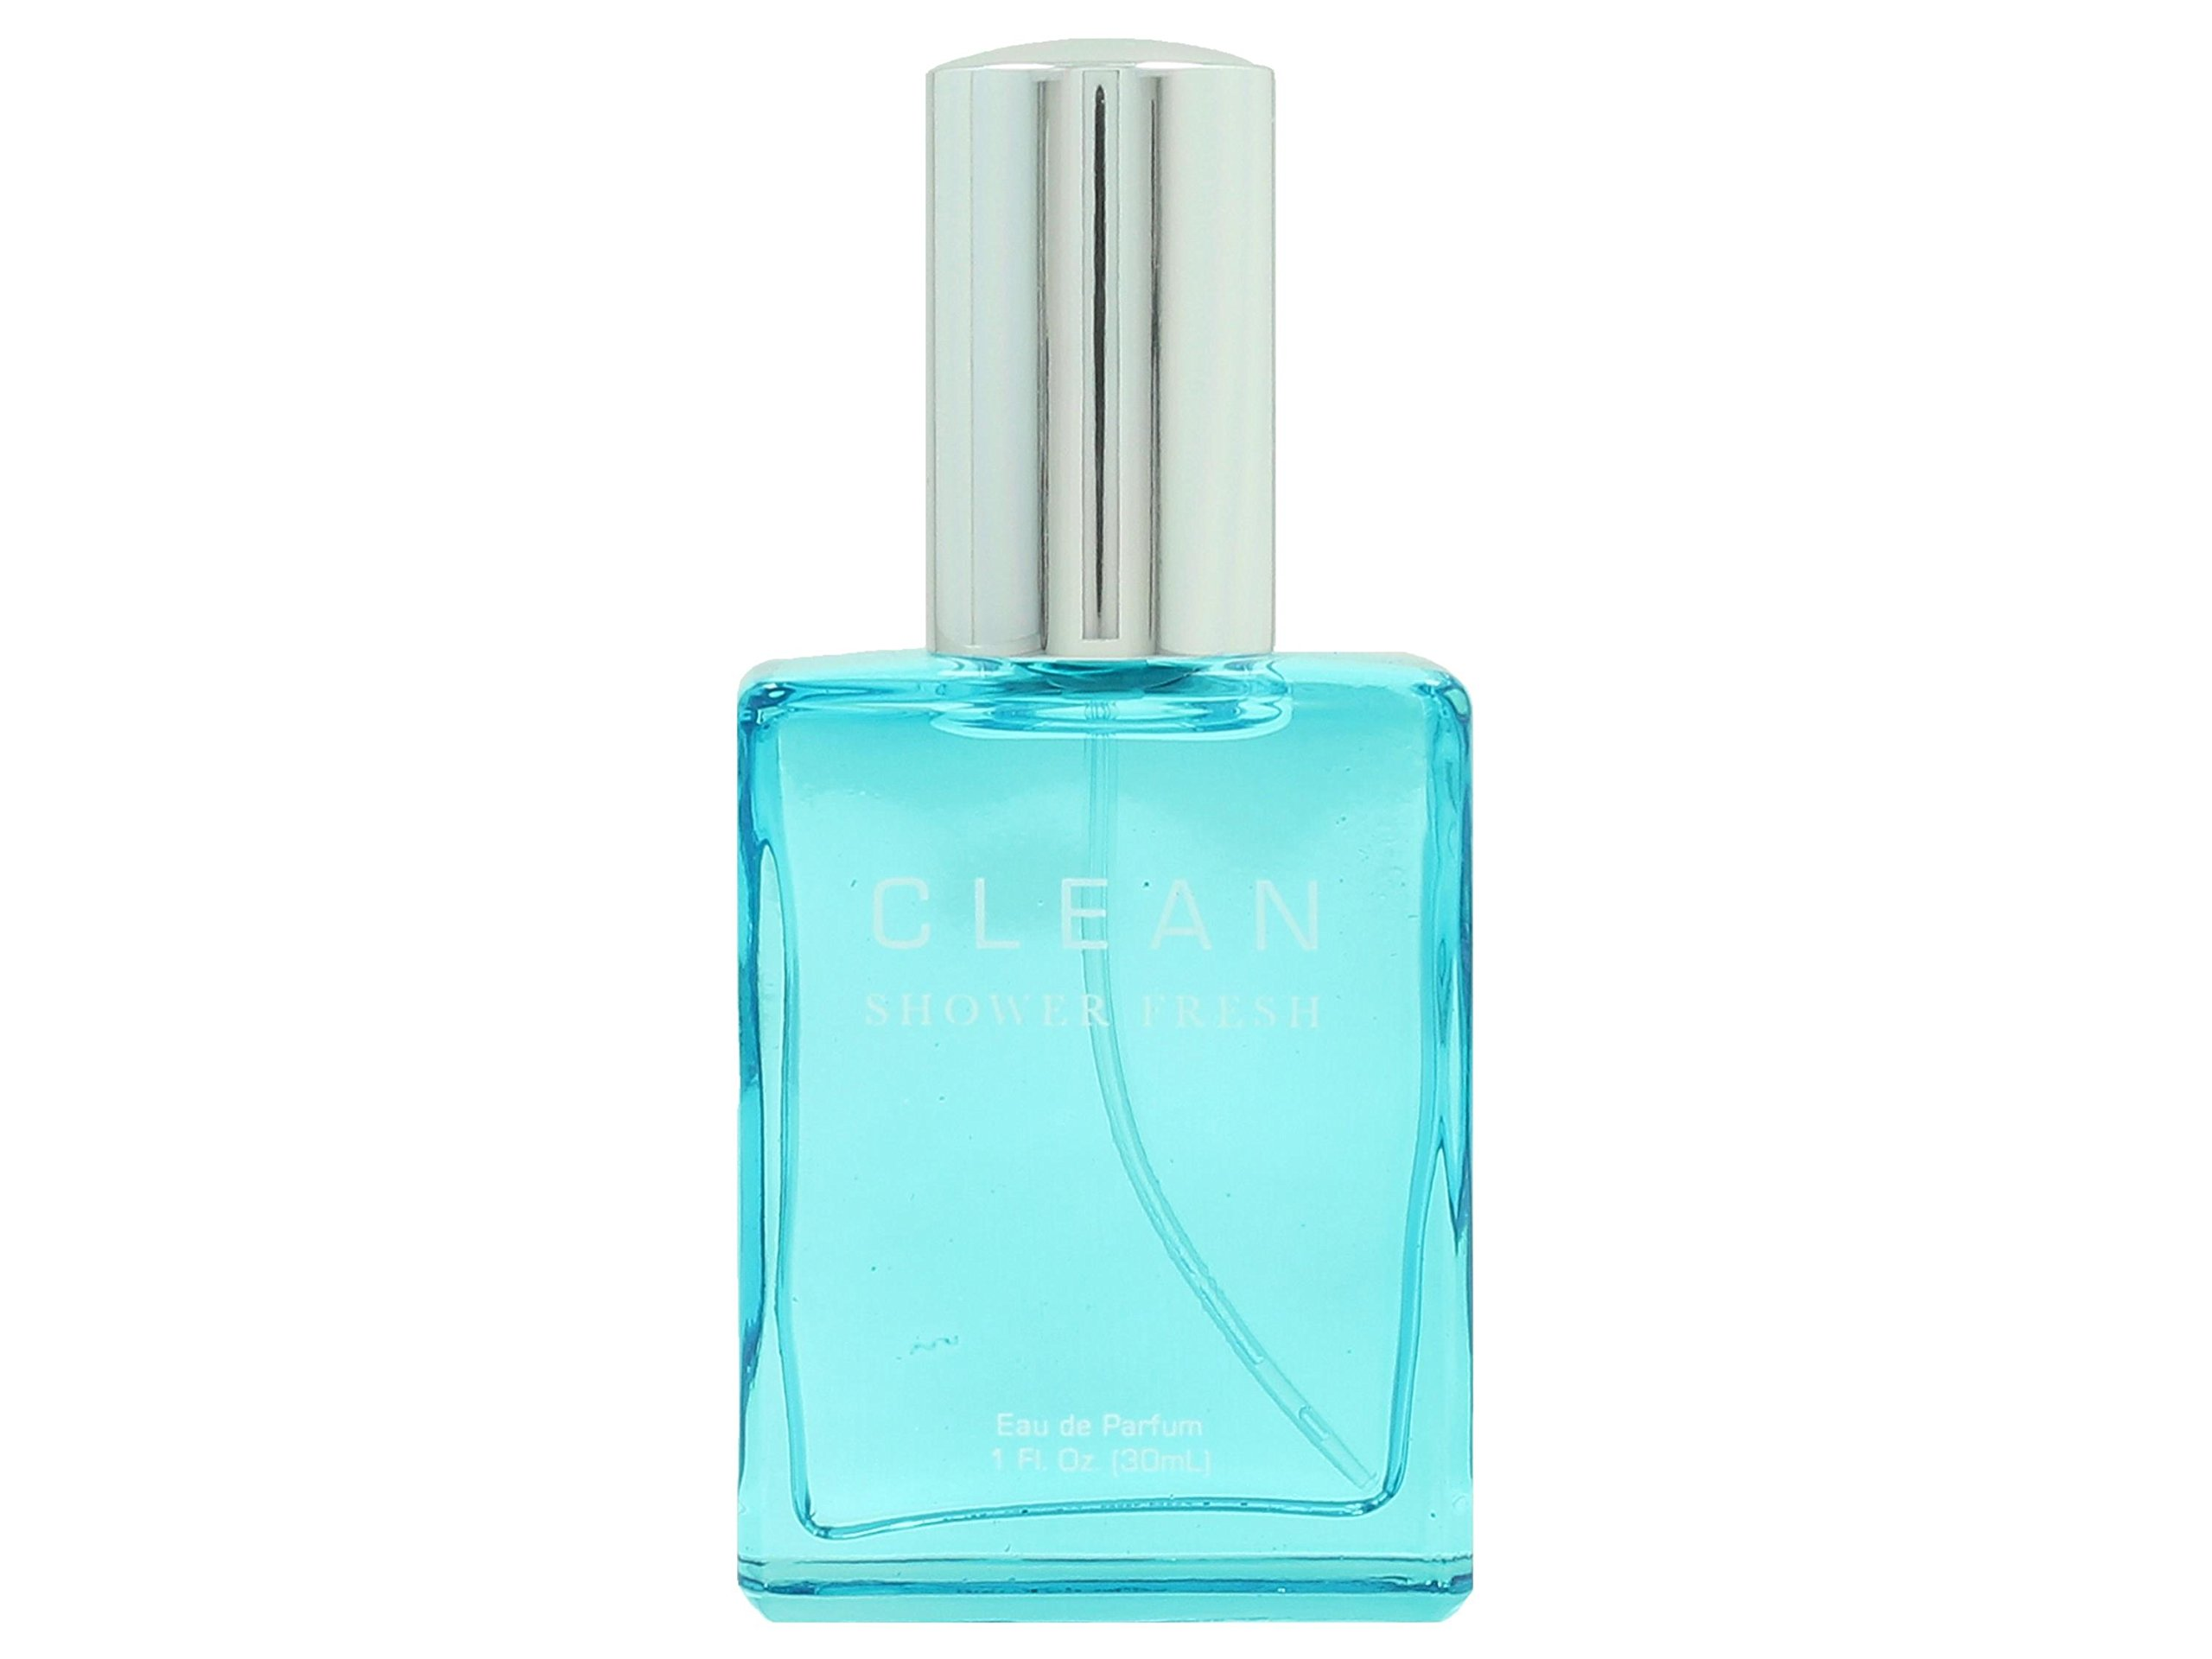 Clean Eau De Parfum, Shower Fresh, 1-Fluid Ounce